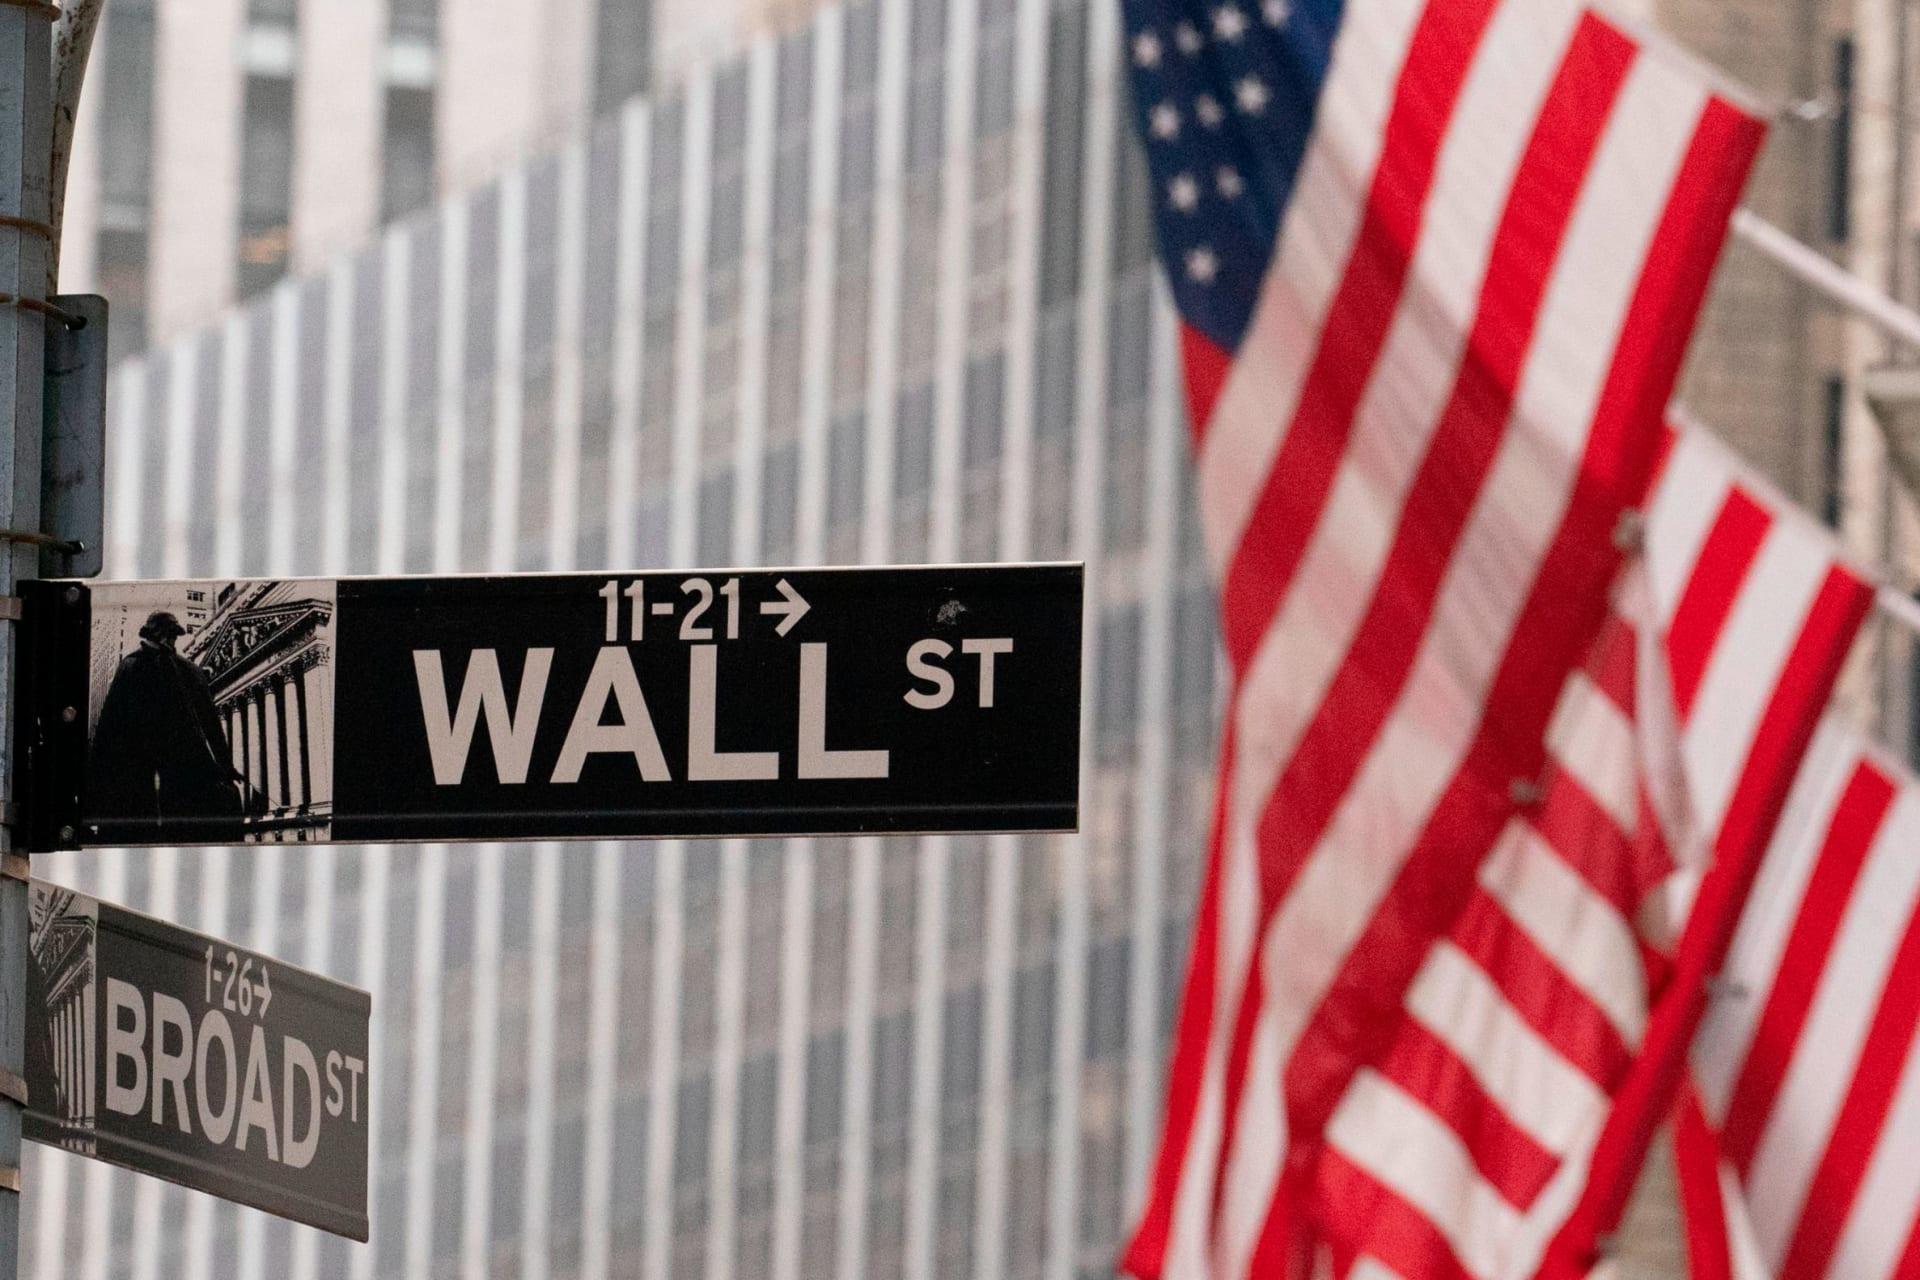 كيف استقبلت أسواق الأسهم فوز جو بايدن؟